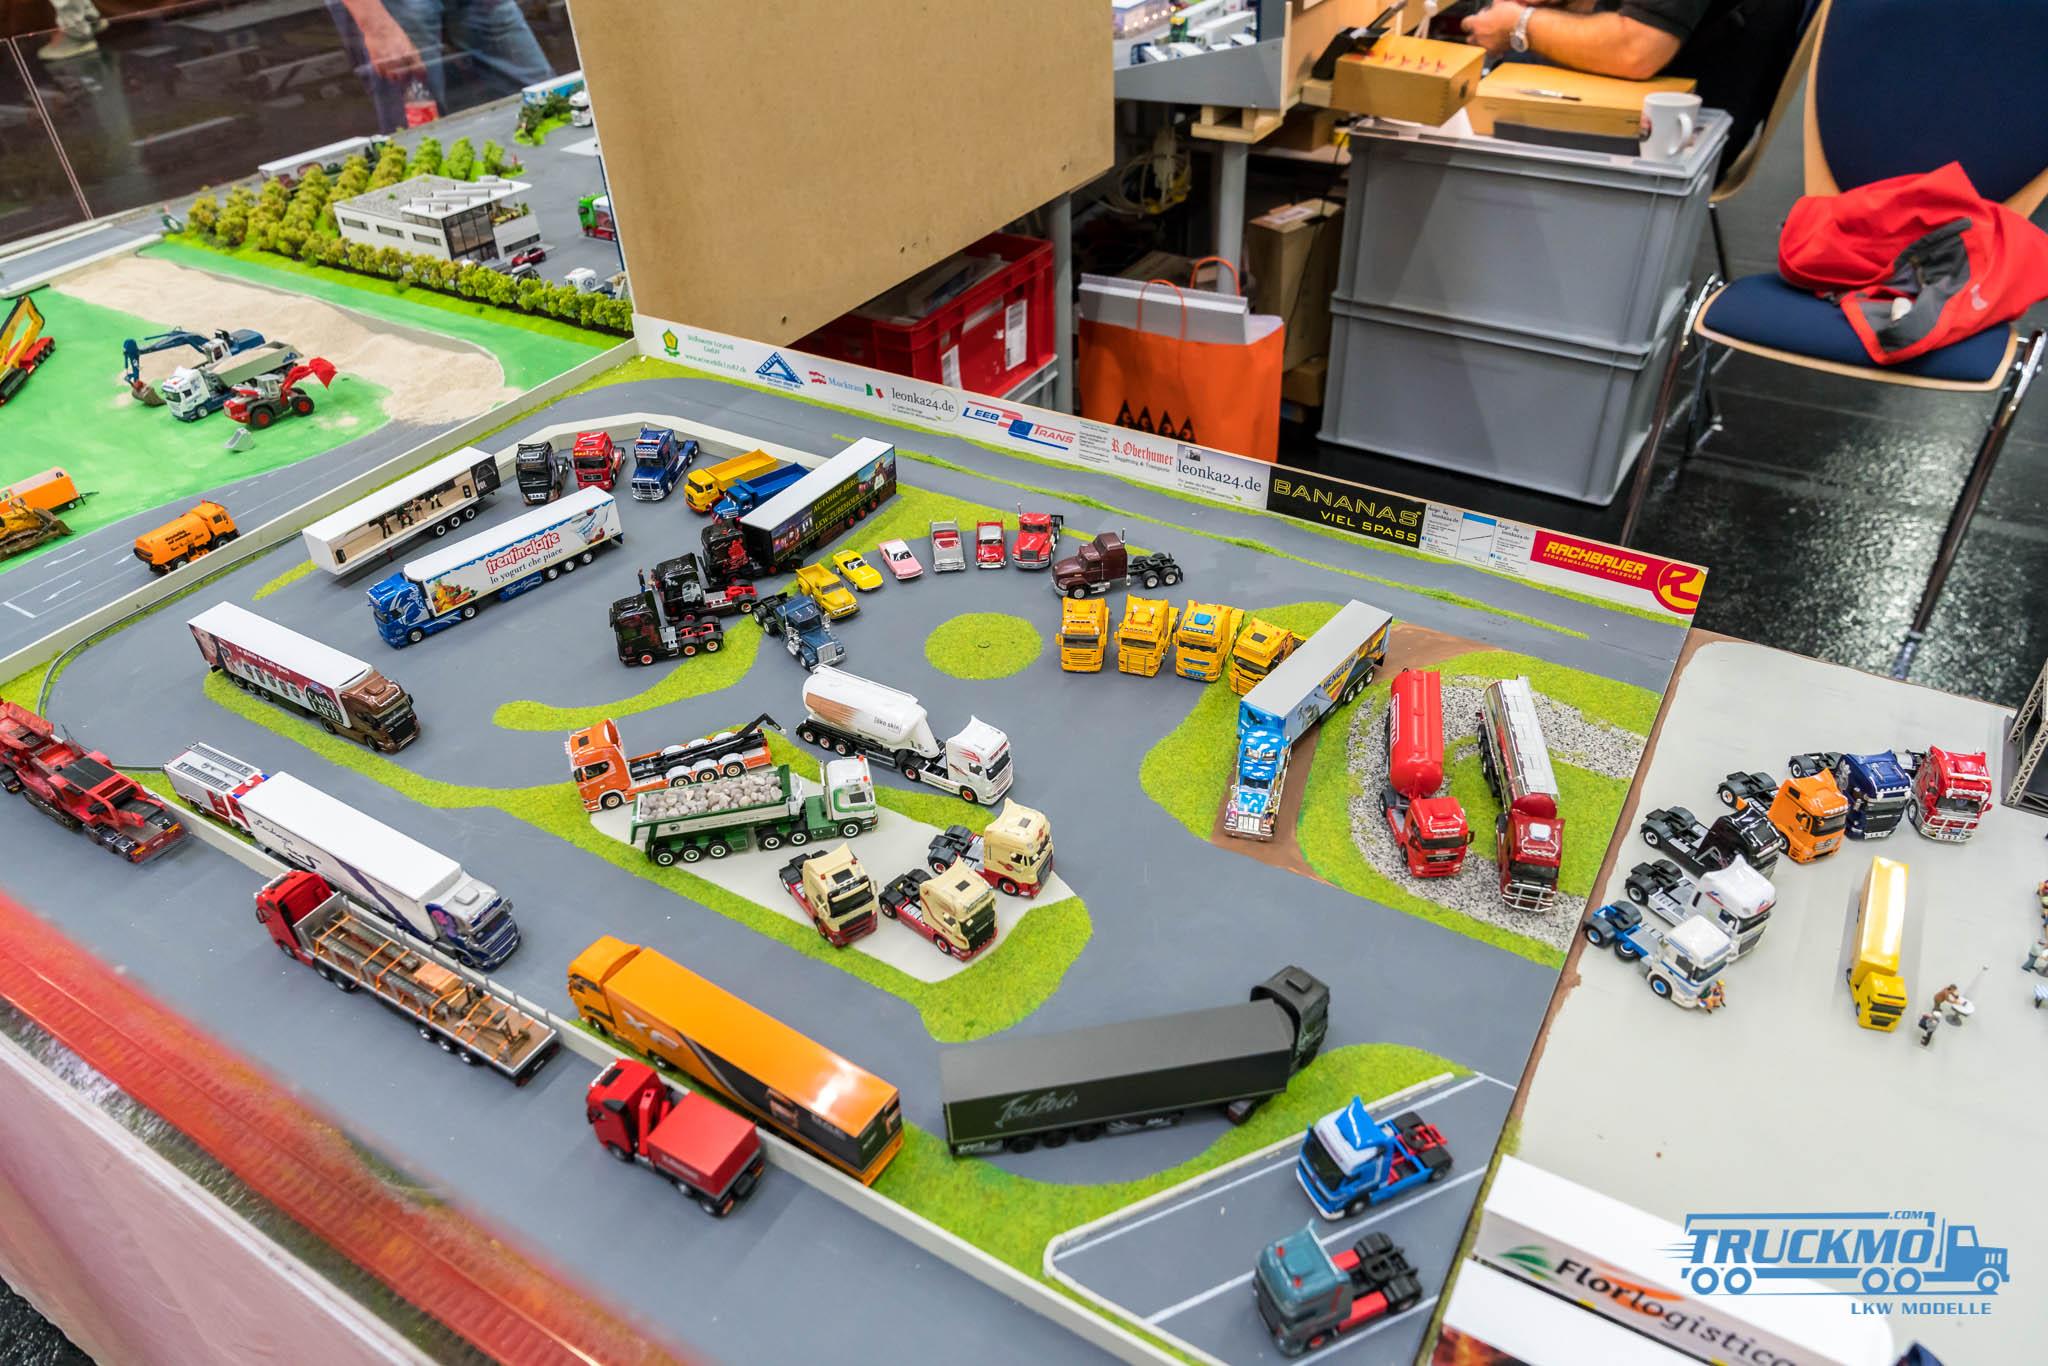 Truckmo_Modellbau_Ried_2017_Herpa_Messe_Modellbauausstellung (187 von 1177)